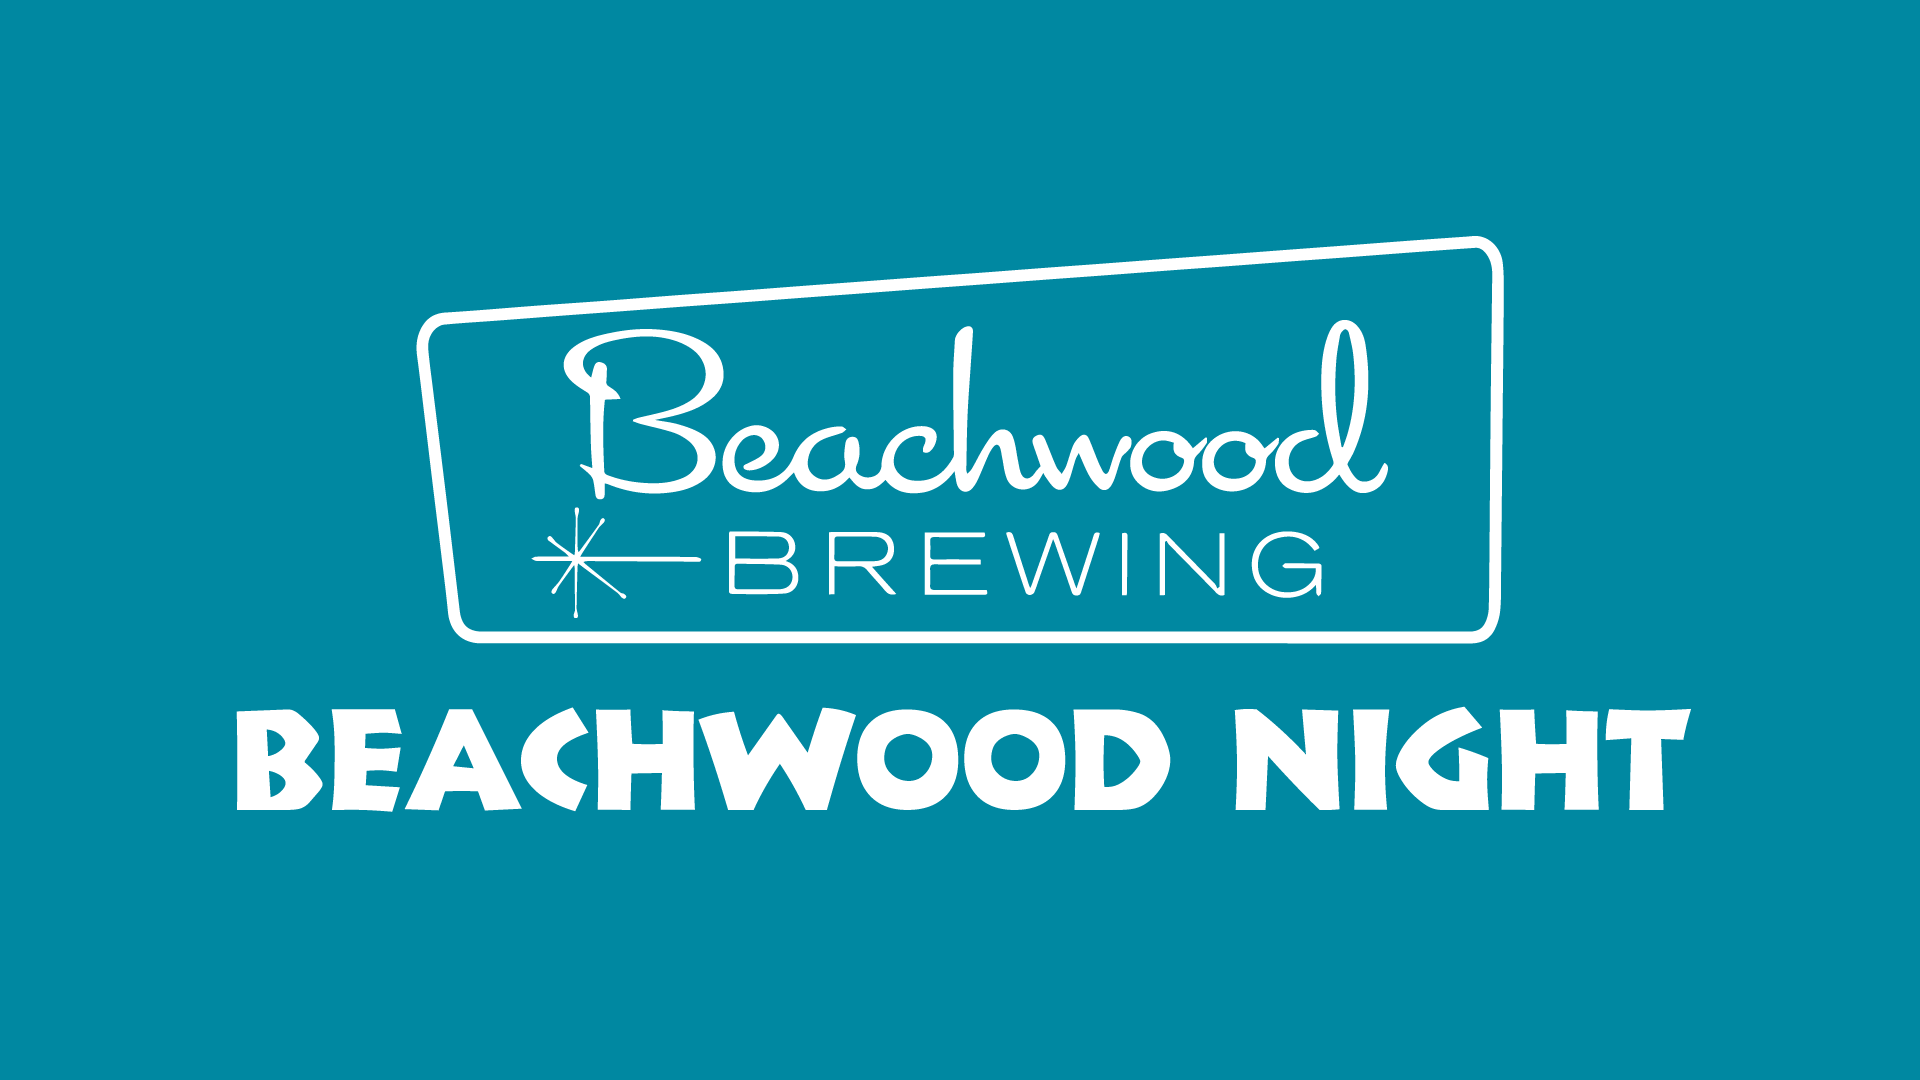 Beachwood Night